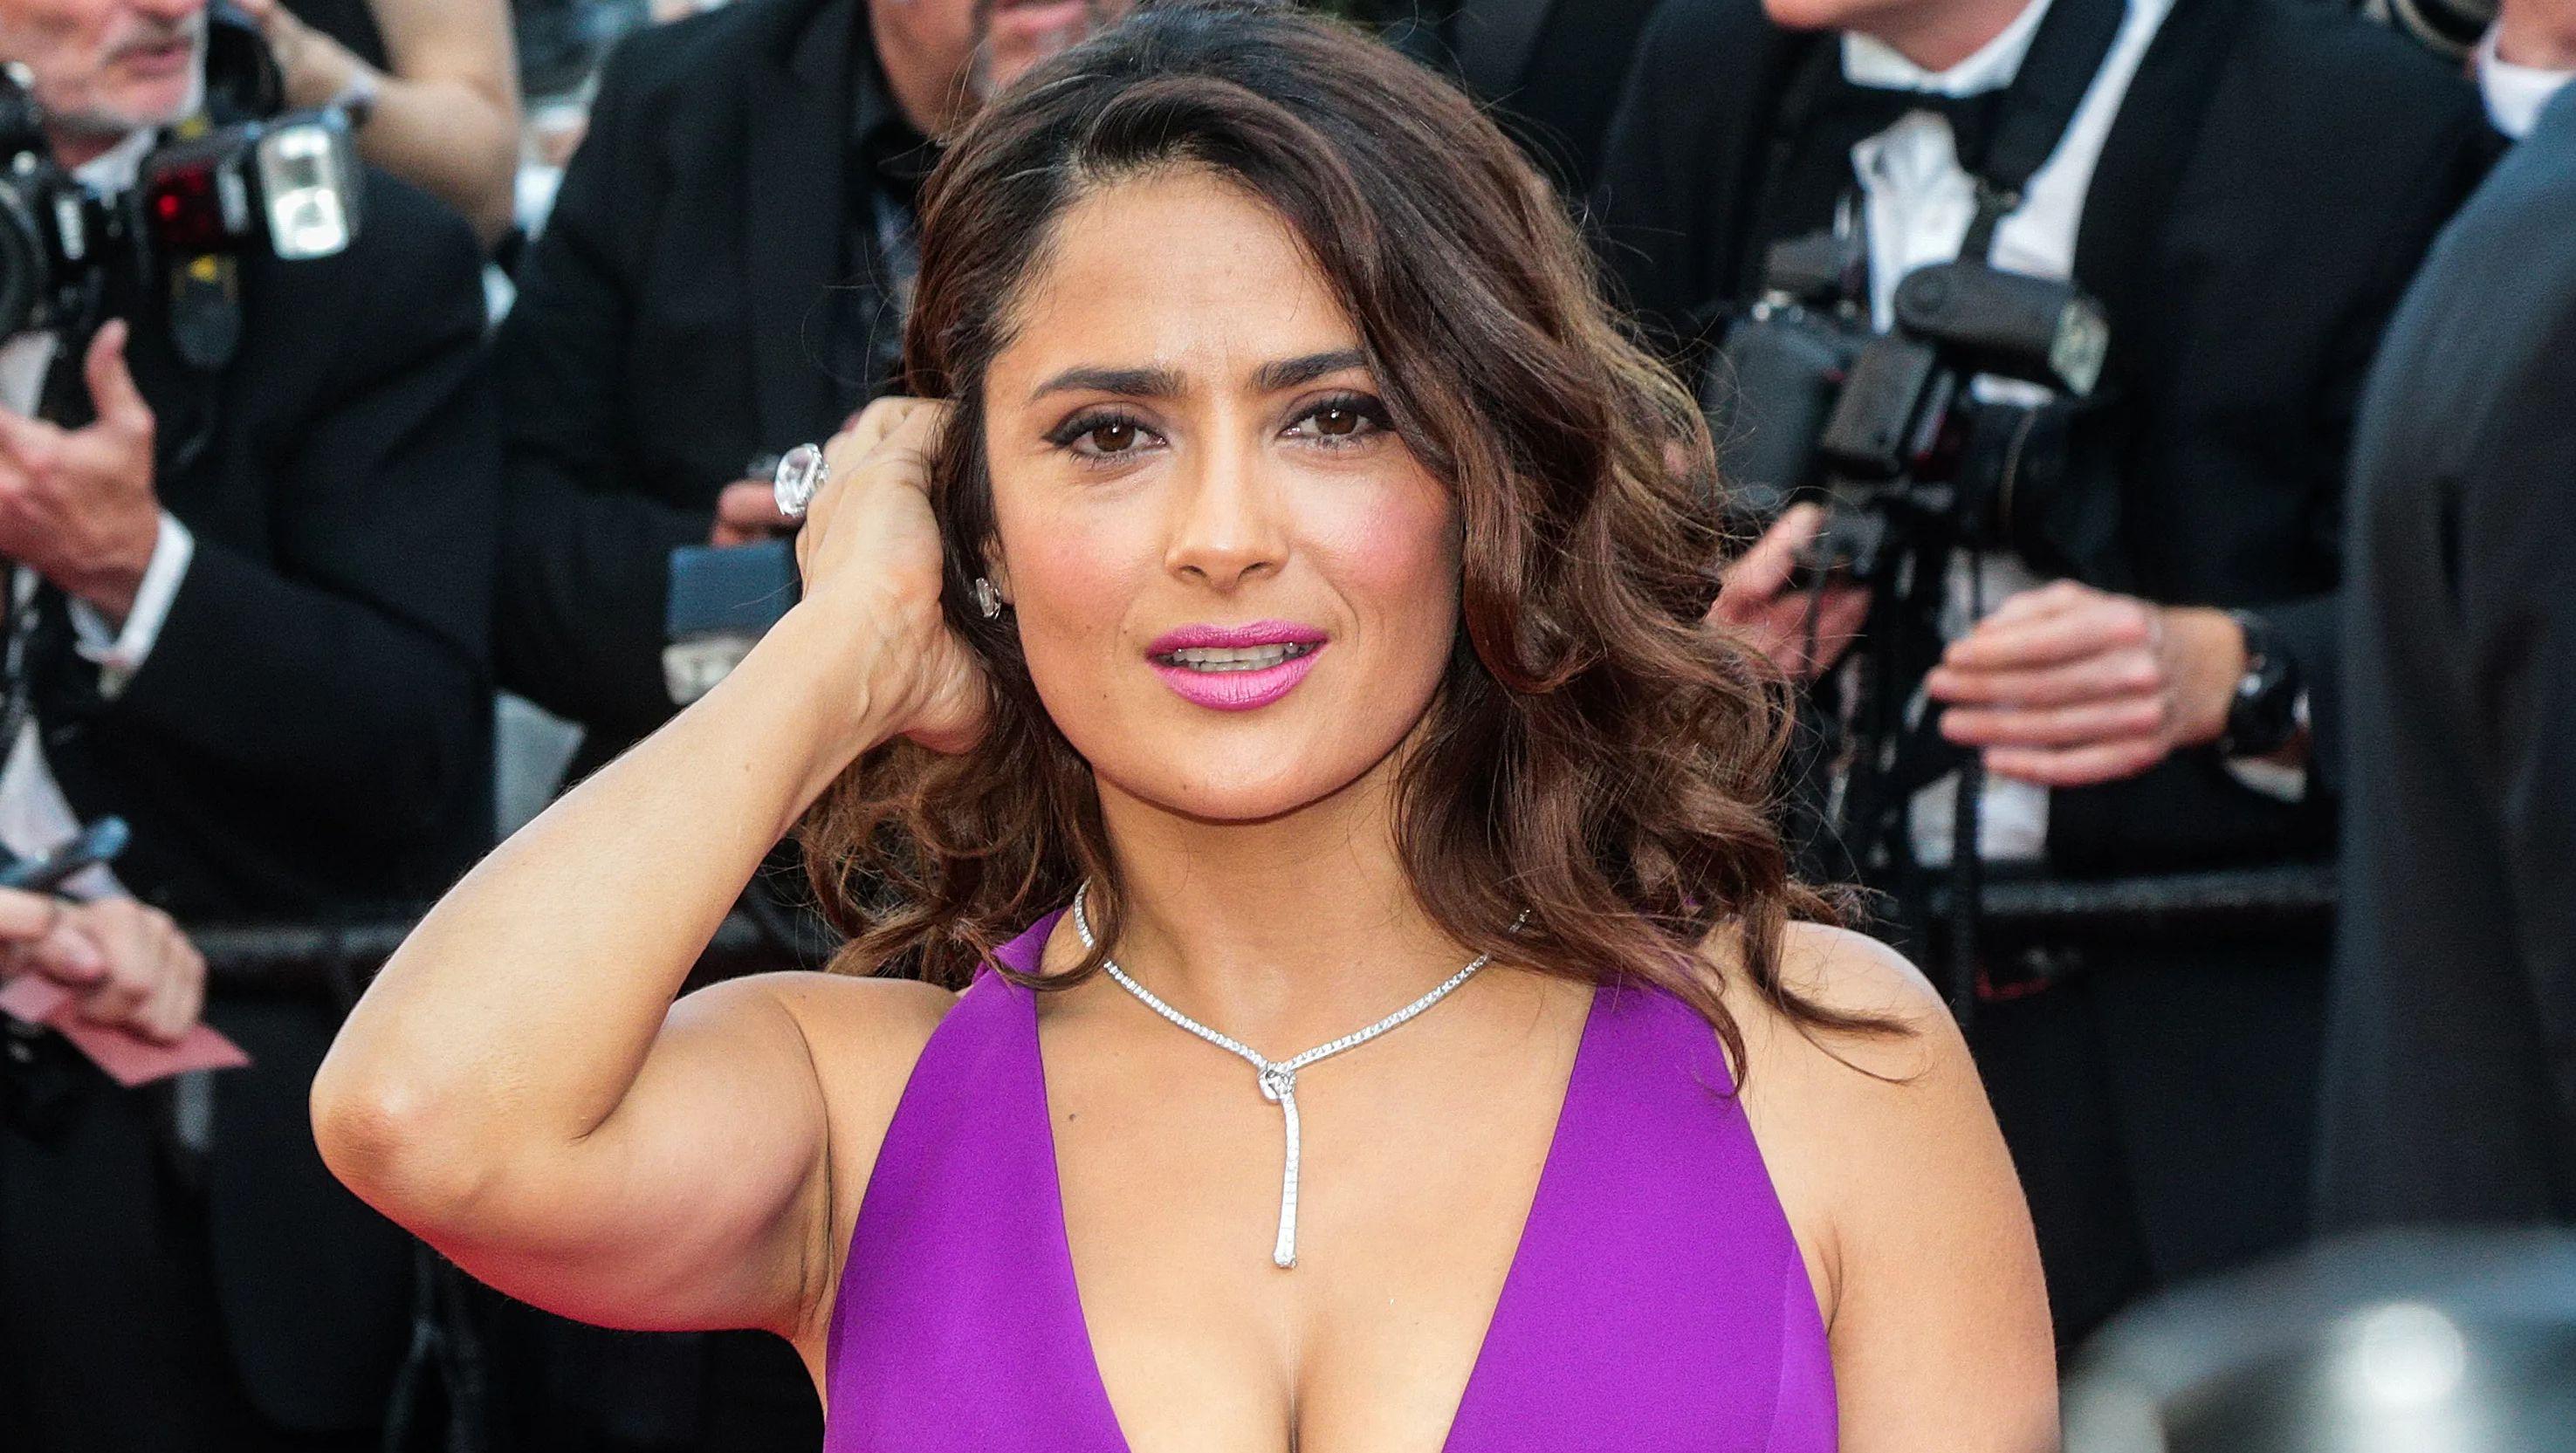 Salma Hayek on red carpet in purple dress